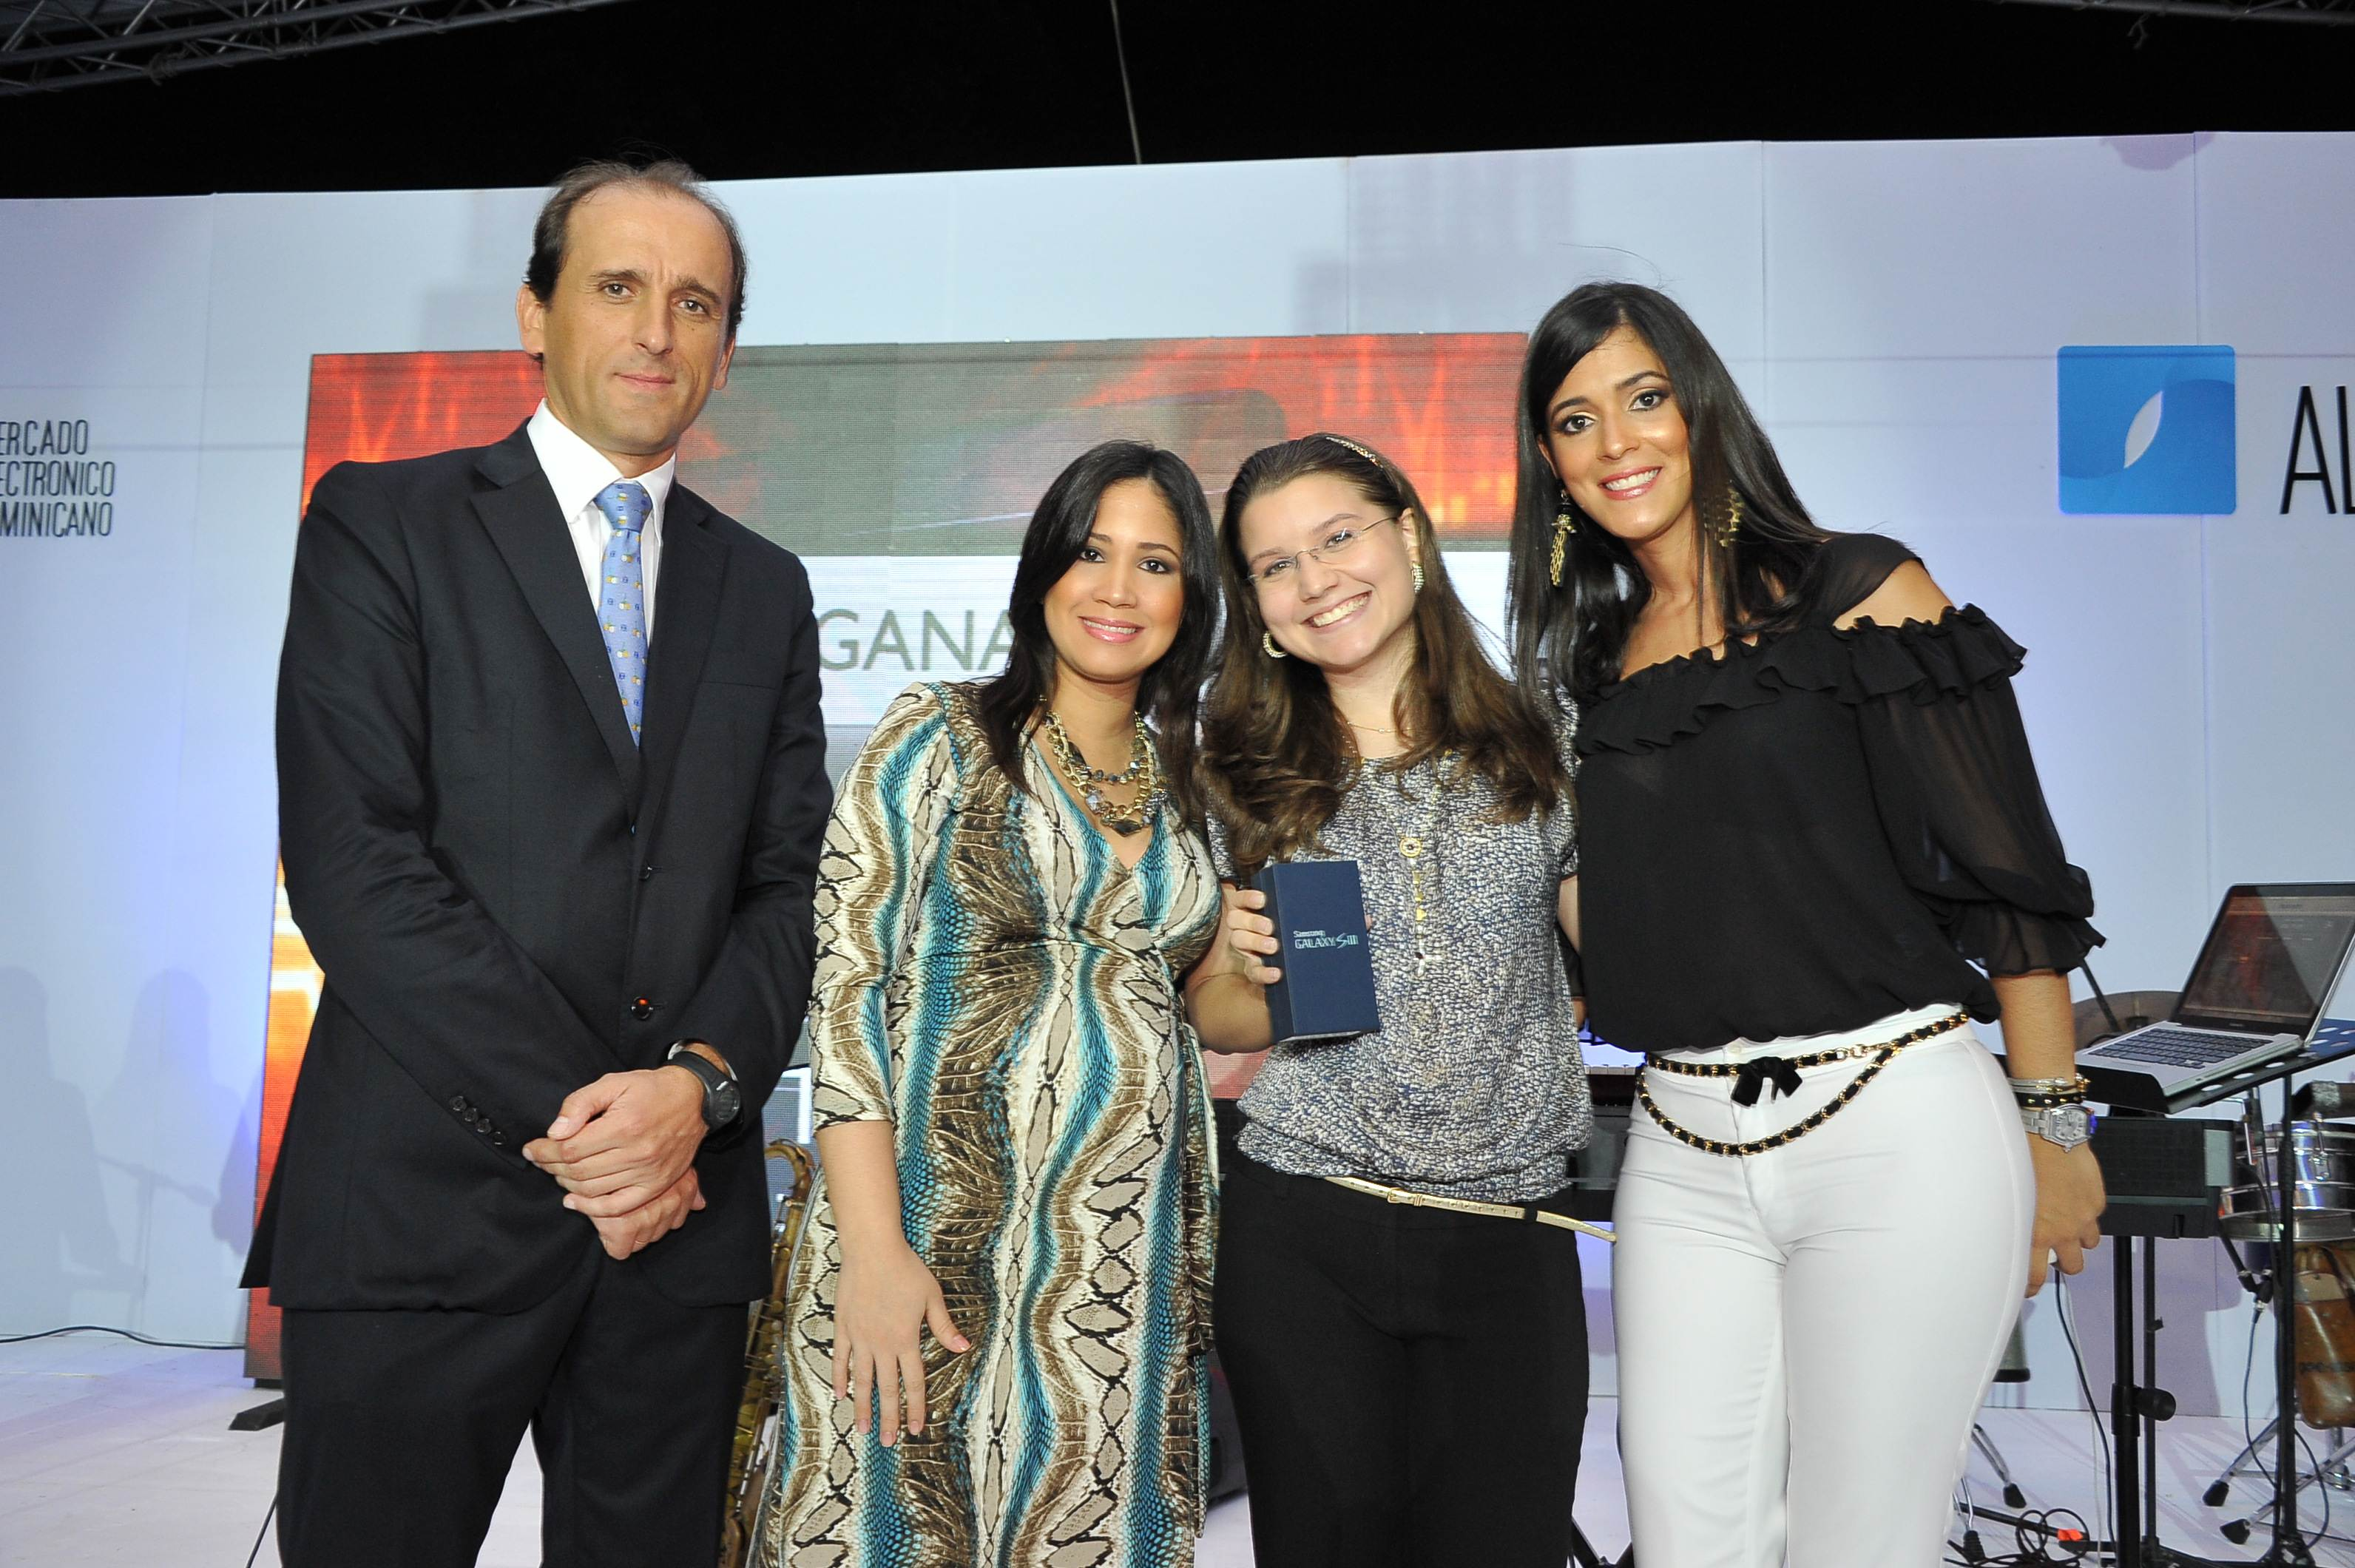 Premio Sansung Galaxy SIII-Ganador Compania Dom. de Telefonos-Entrega-Juan Manuel Barranco-Laura Nunez-Ruth Mendez